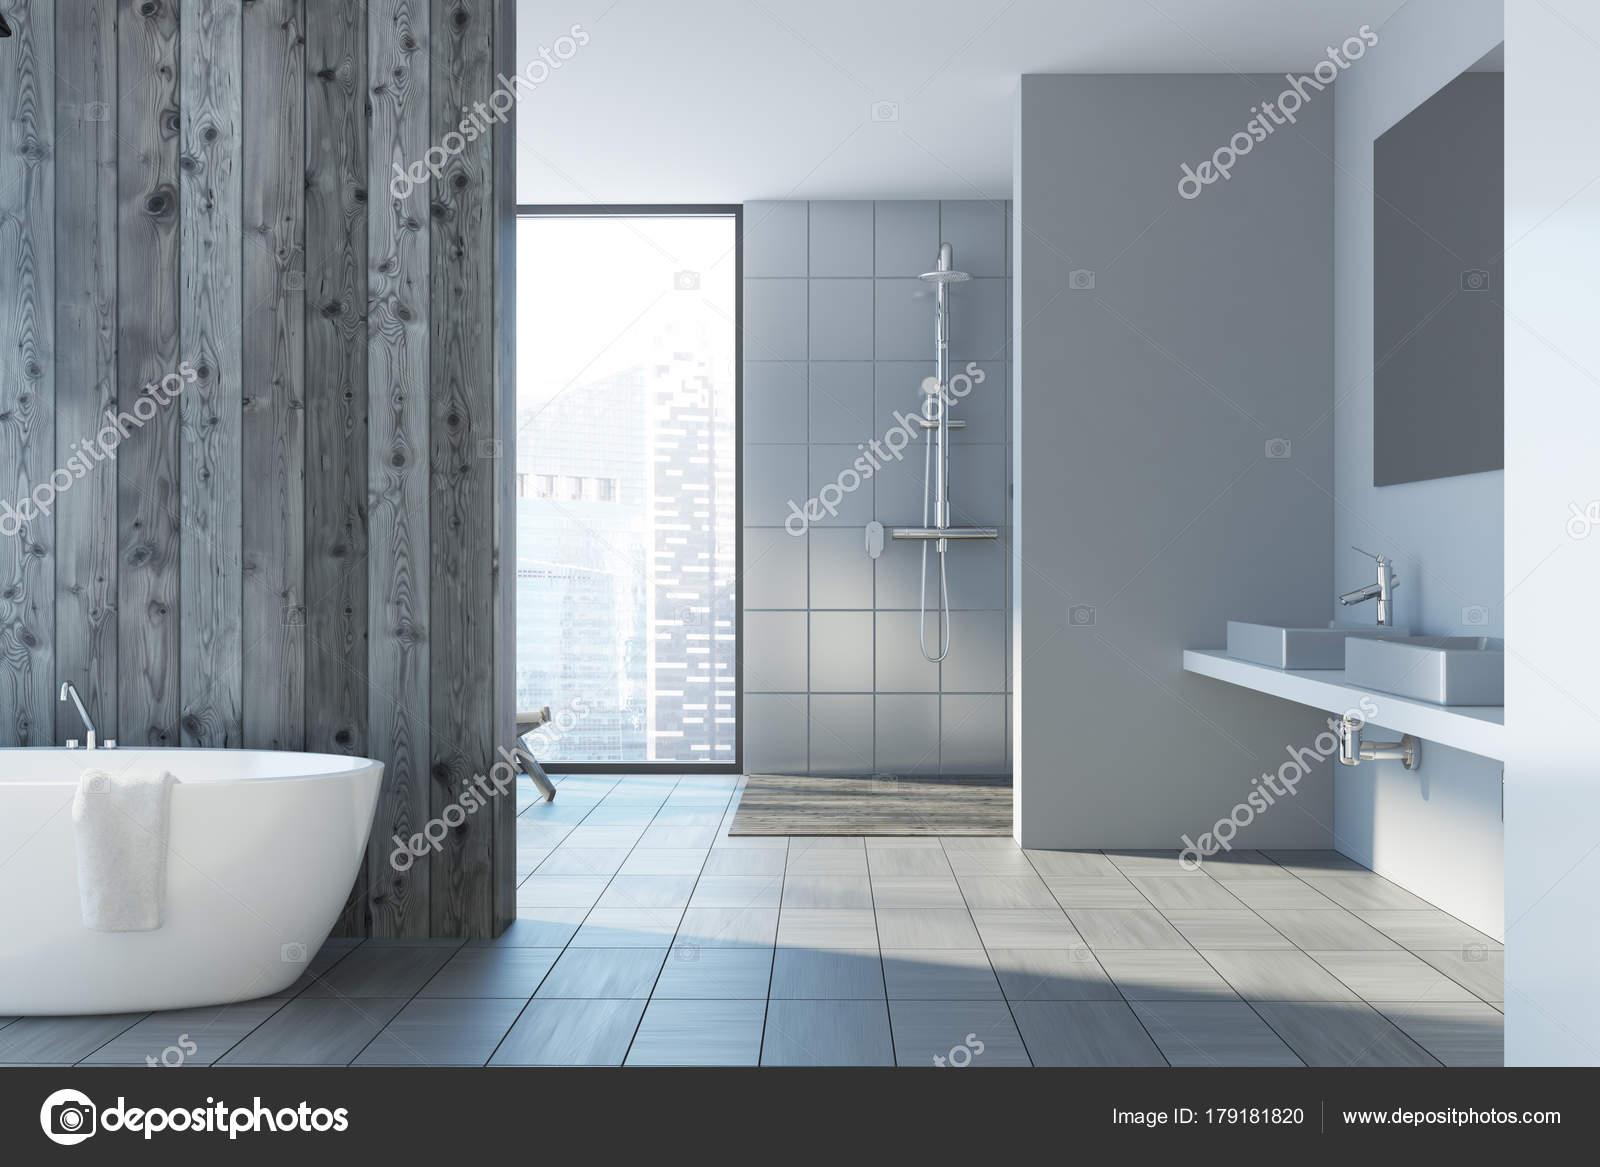 Badkamer Grijs Wit : Rustgevende badkamer met wit en hout badkamers voorbeelden amazing